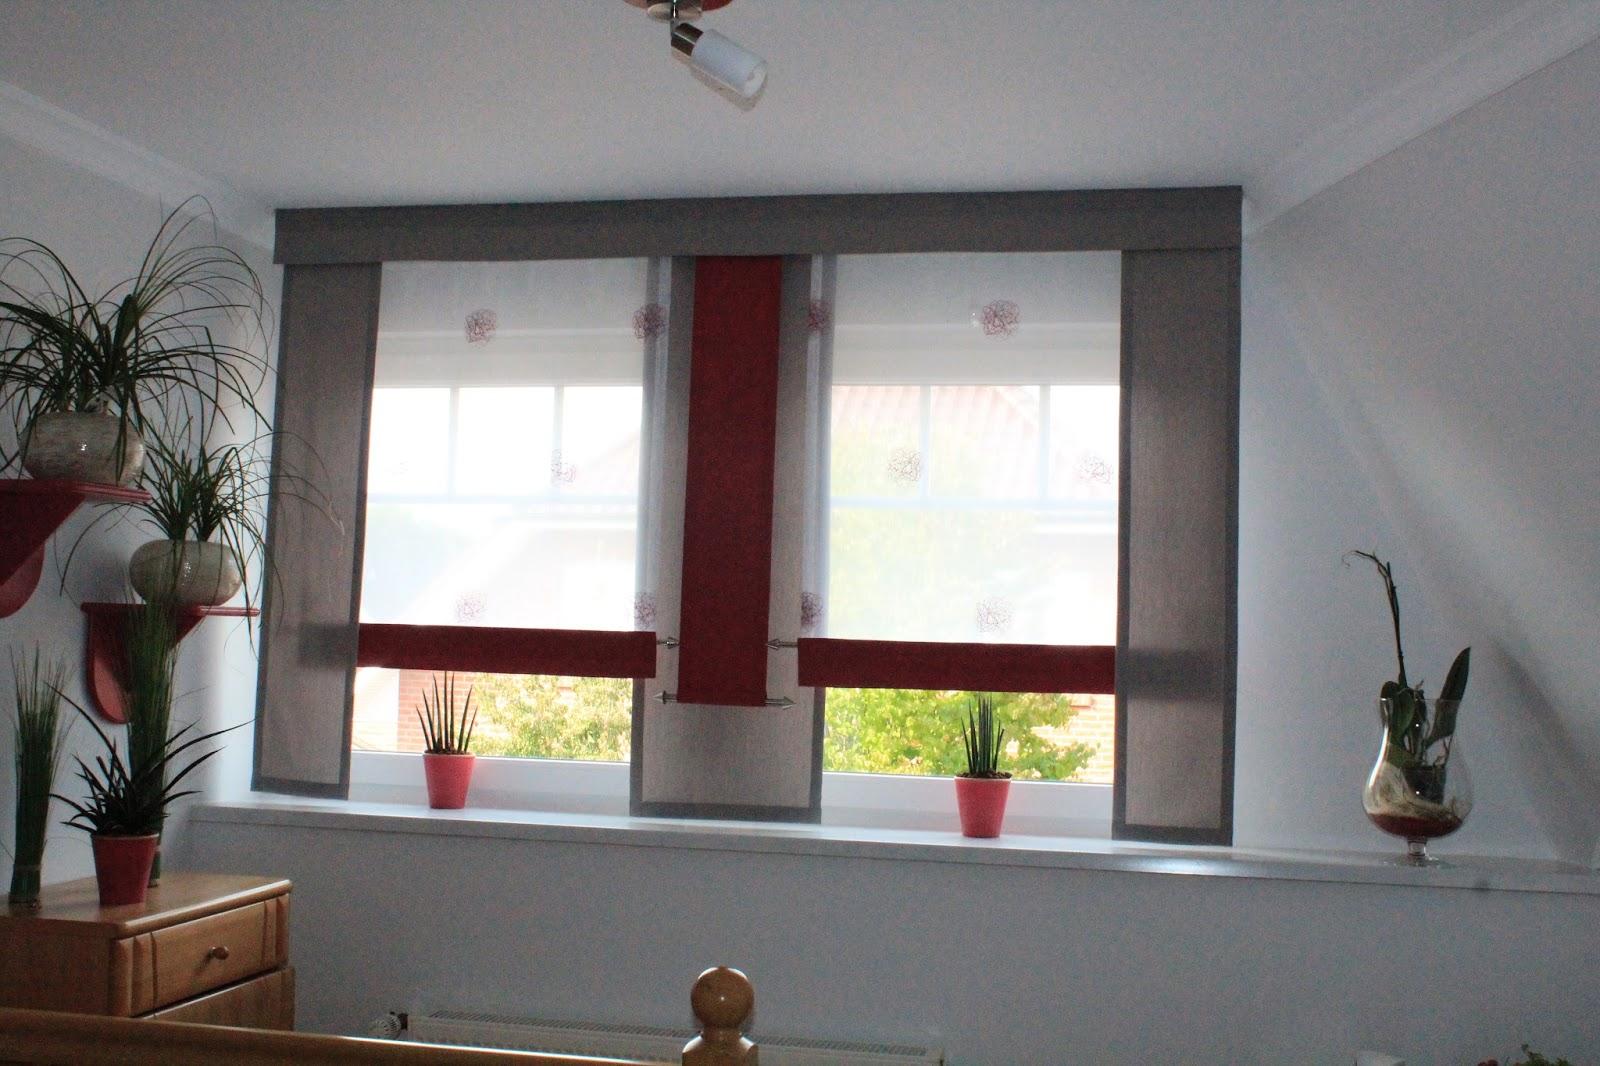 wundersch nen deko k chenfenster einzigartige ideen zum sichtschutz. Black Bedroom Furniture Sets. Home Design Ideas